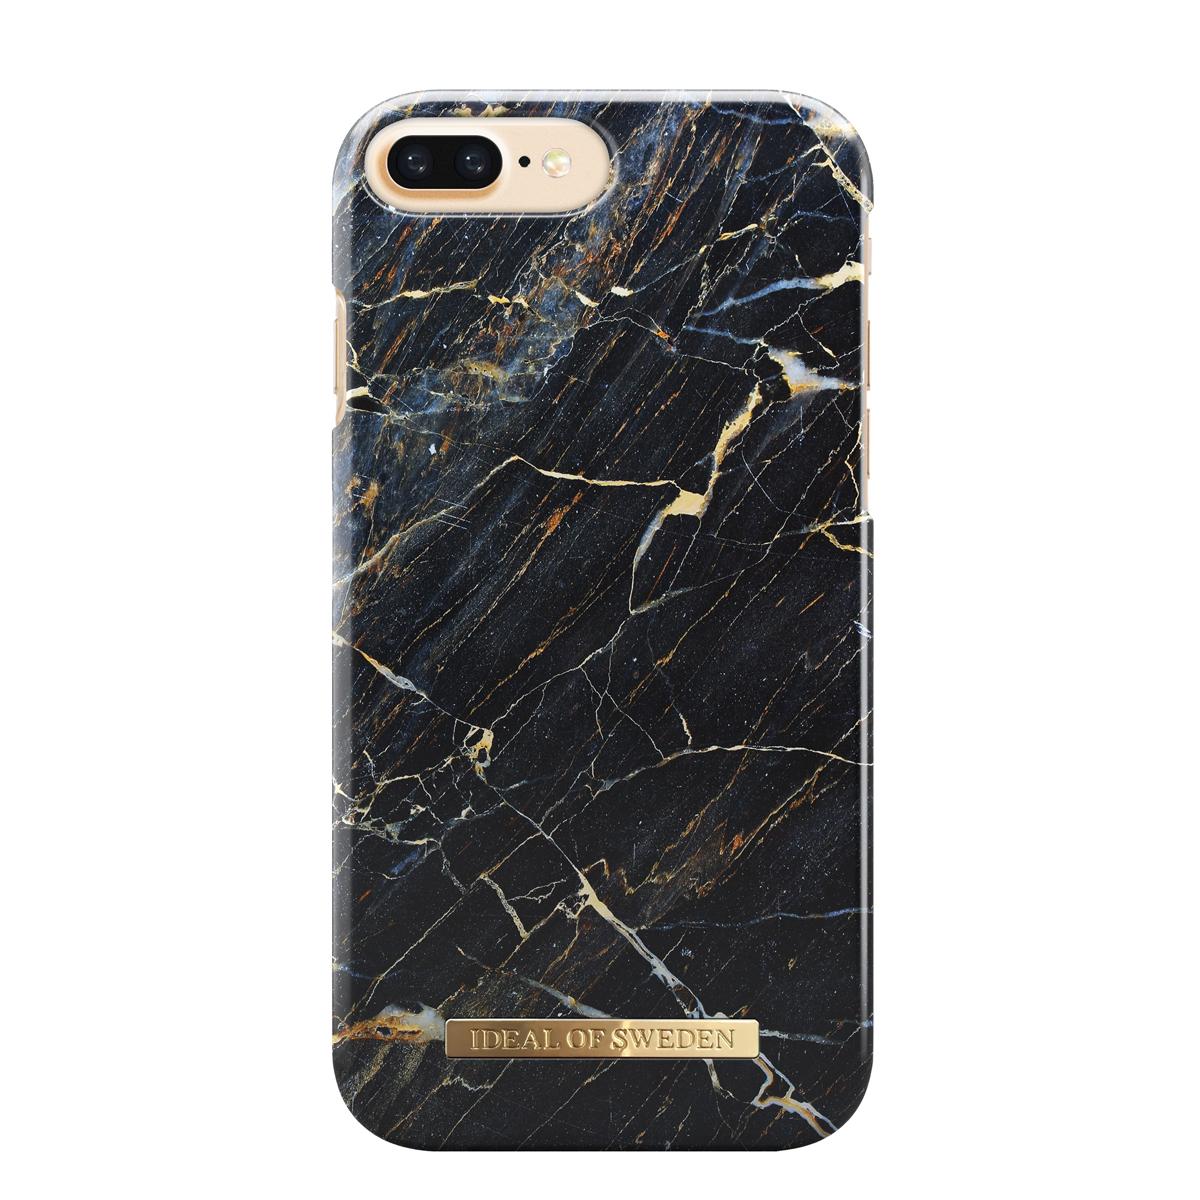 iDeal чехол для Apple iPhone 8/7/6/6S Plus, Port Laurent MarbleIDFCA16-I7P-49Клип-кейс iDeal – это модный аксессуар, стильное и оригинальное украшение, имеющее яркий дизайн, насыщенные цвета и необычный узор, в сочетании с высокой степенью защиты мобильного устройства, сохраняет привлекательный внешний вид и подчеркивает индивидуальный стиль, а также изысканный вкус владельца.Чехол-накладка iDeal - это надежная защита корпуса смартфона от царапин и внешних воздействий. Конструкция чехла обеспечивает его надежное крепление на корпусе мобильного устройства.Специальные вырезы обеспечивают свободный доступ к разъемам и элементам управления, а также позволяют в любой удобный момент вести фото- и видеосъемку. Устойчивый к истиранию пластик клип-кейса надолго сохраняет привлекательный внешний вид и не теряет насыщенность цветов. Аксессуар выполнен из пластика, который имеет среднюю степень жесткости.Изнутри накладка покрыта замшей, чтобы обеспечить корпусу смартфона дополнительную защиту от царапин.